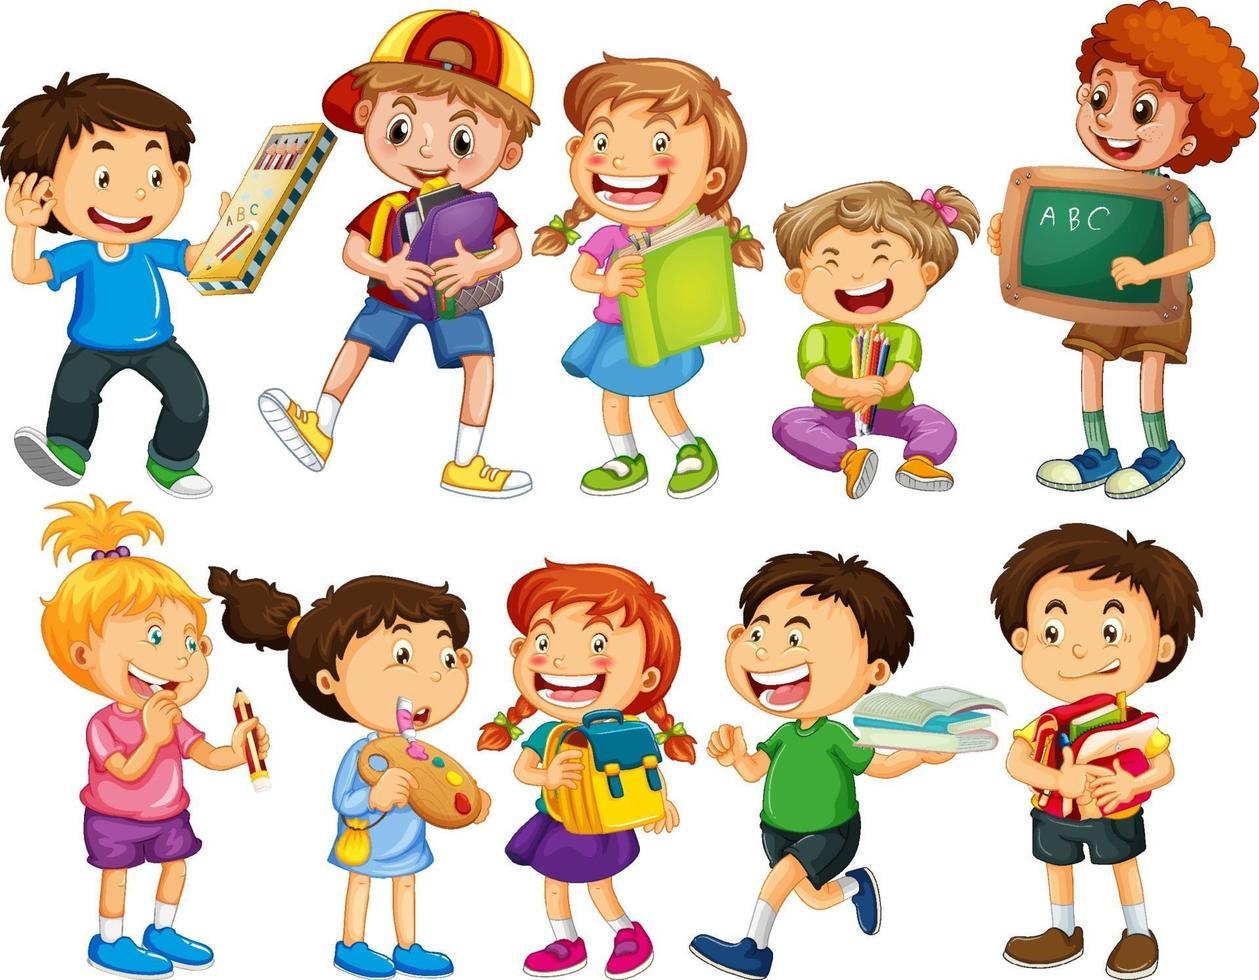 grupp barn seriefigur vektor